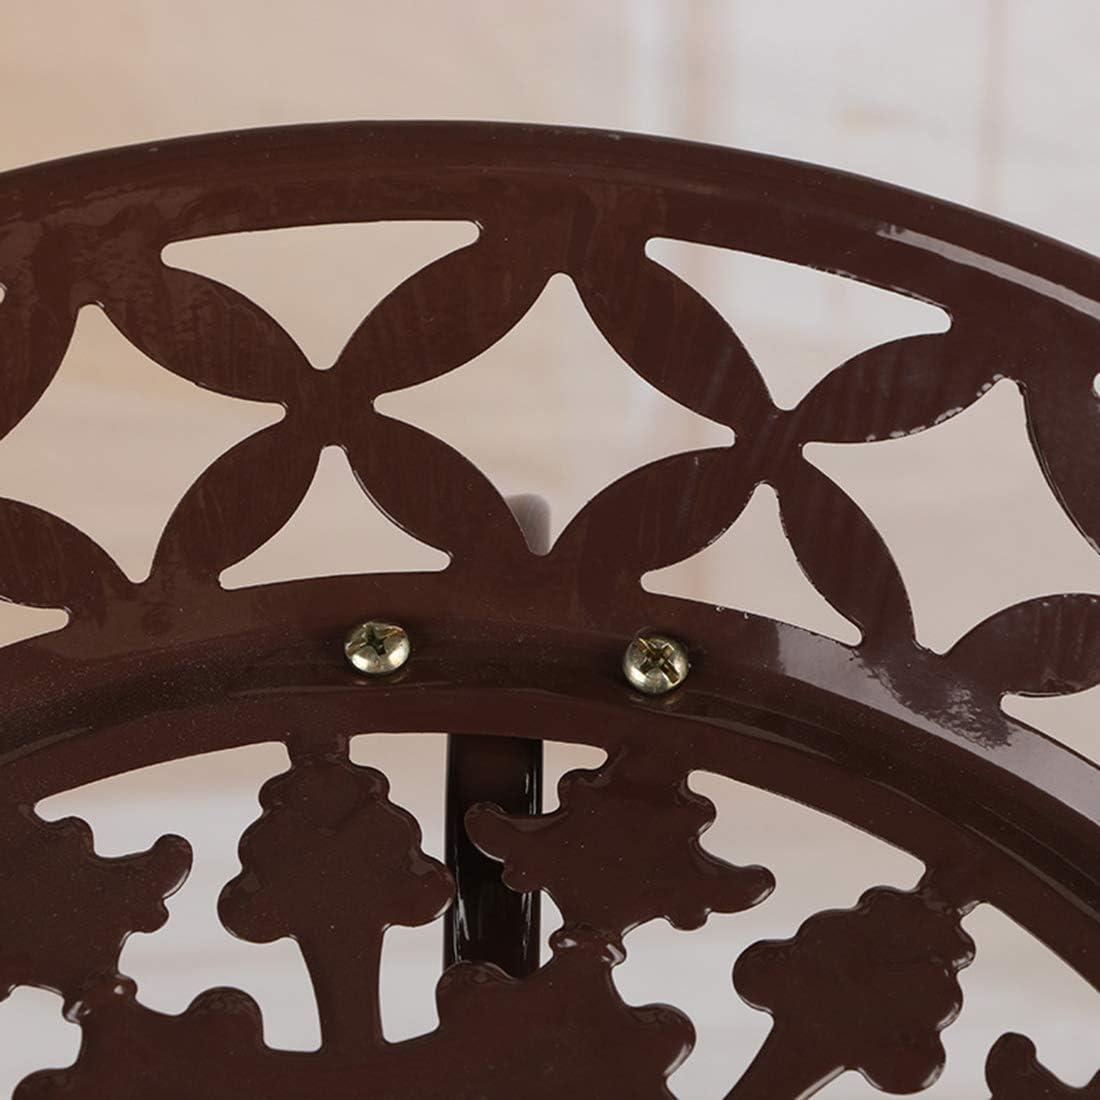 Esterno,78 x 31cm Interno Porta Piante in Ferro Portavasi Fioriera Decorativa per Balcone MAJOZ0 Scaffale Porta-Fiori con 2 Strati Giardino